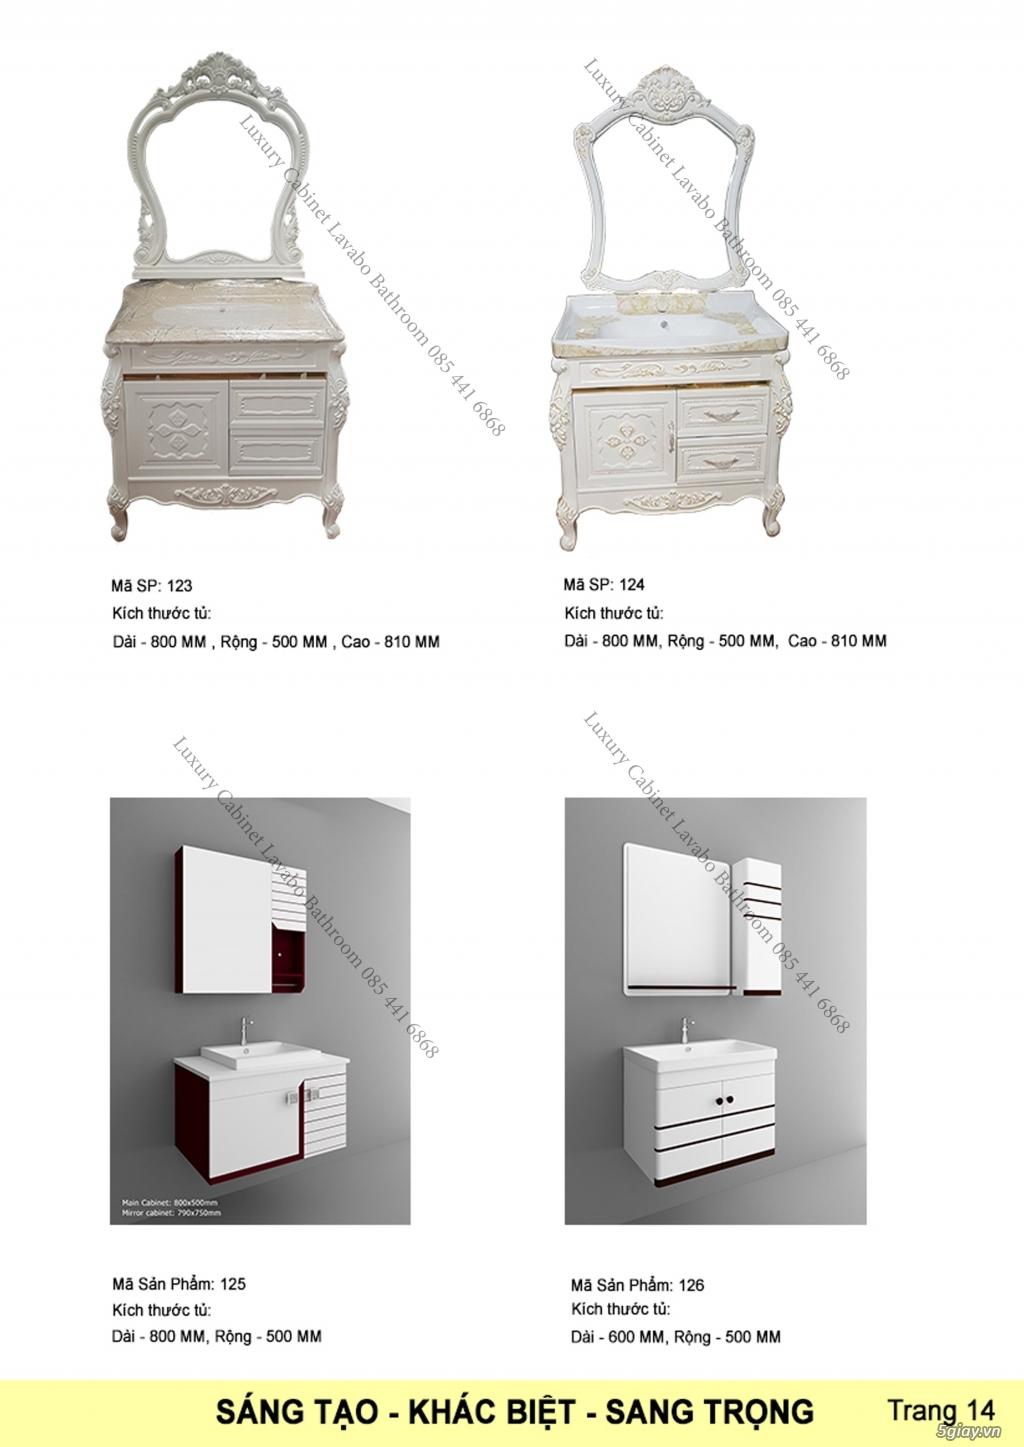 Bán tủ chậu lavabo tân cổ điển, hiện đại, tủ chậu mặt đá phòng tắm - 15